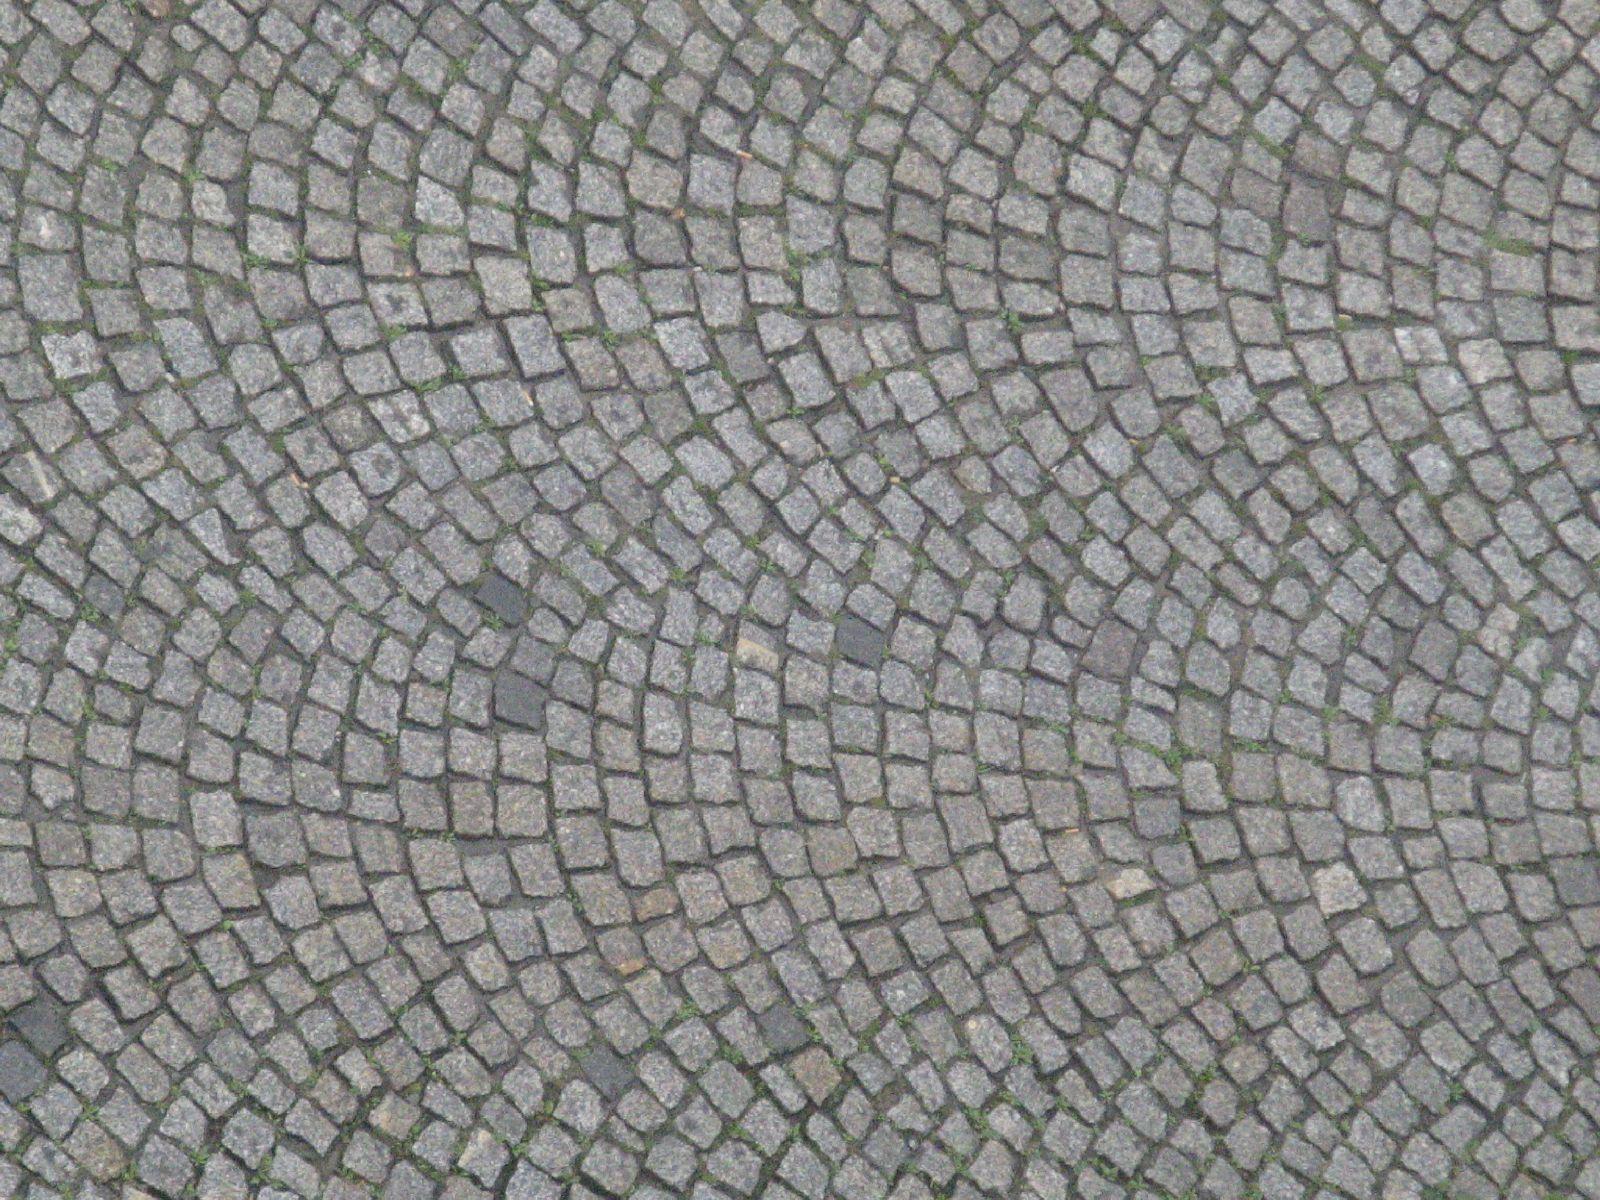 Boden-Gehweg-Strasse-Buergersteig-Textur_B_2456